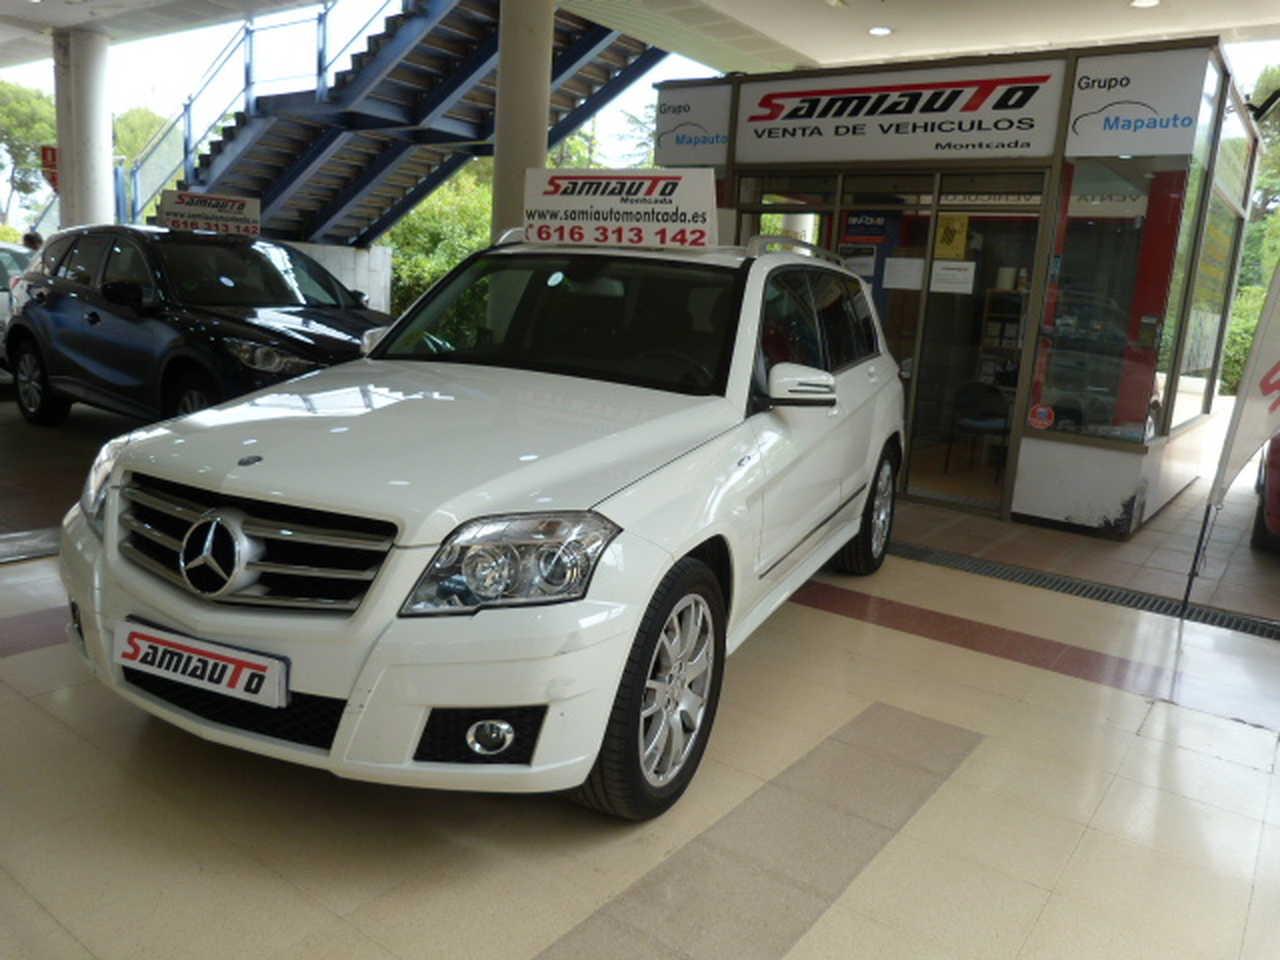 Mercedes Clase GLK Clase GLK GLK 220 CDI Blue Efficiency 5p. un solo propietario, libro de revisiones  - Foto 1